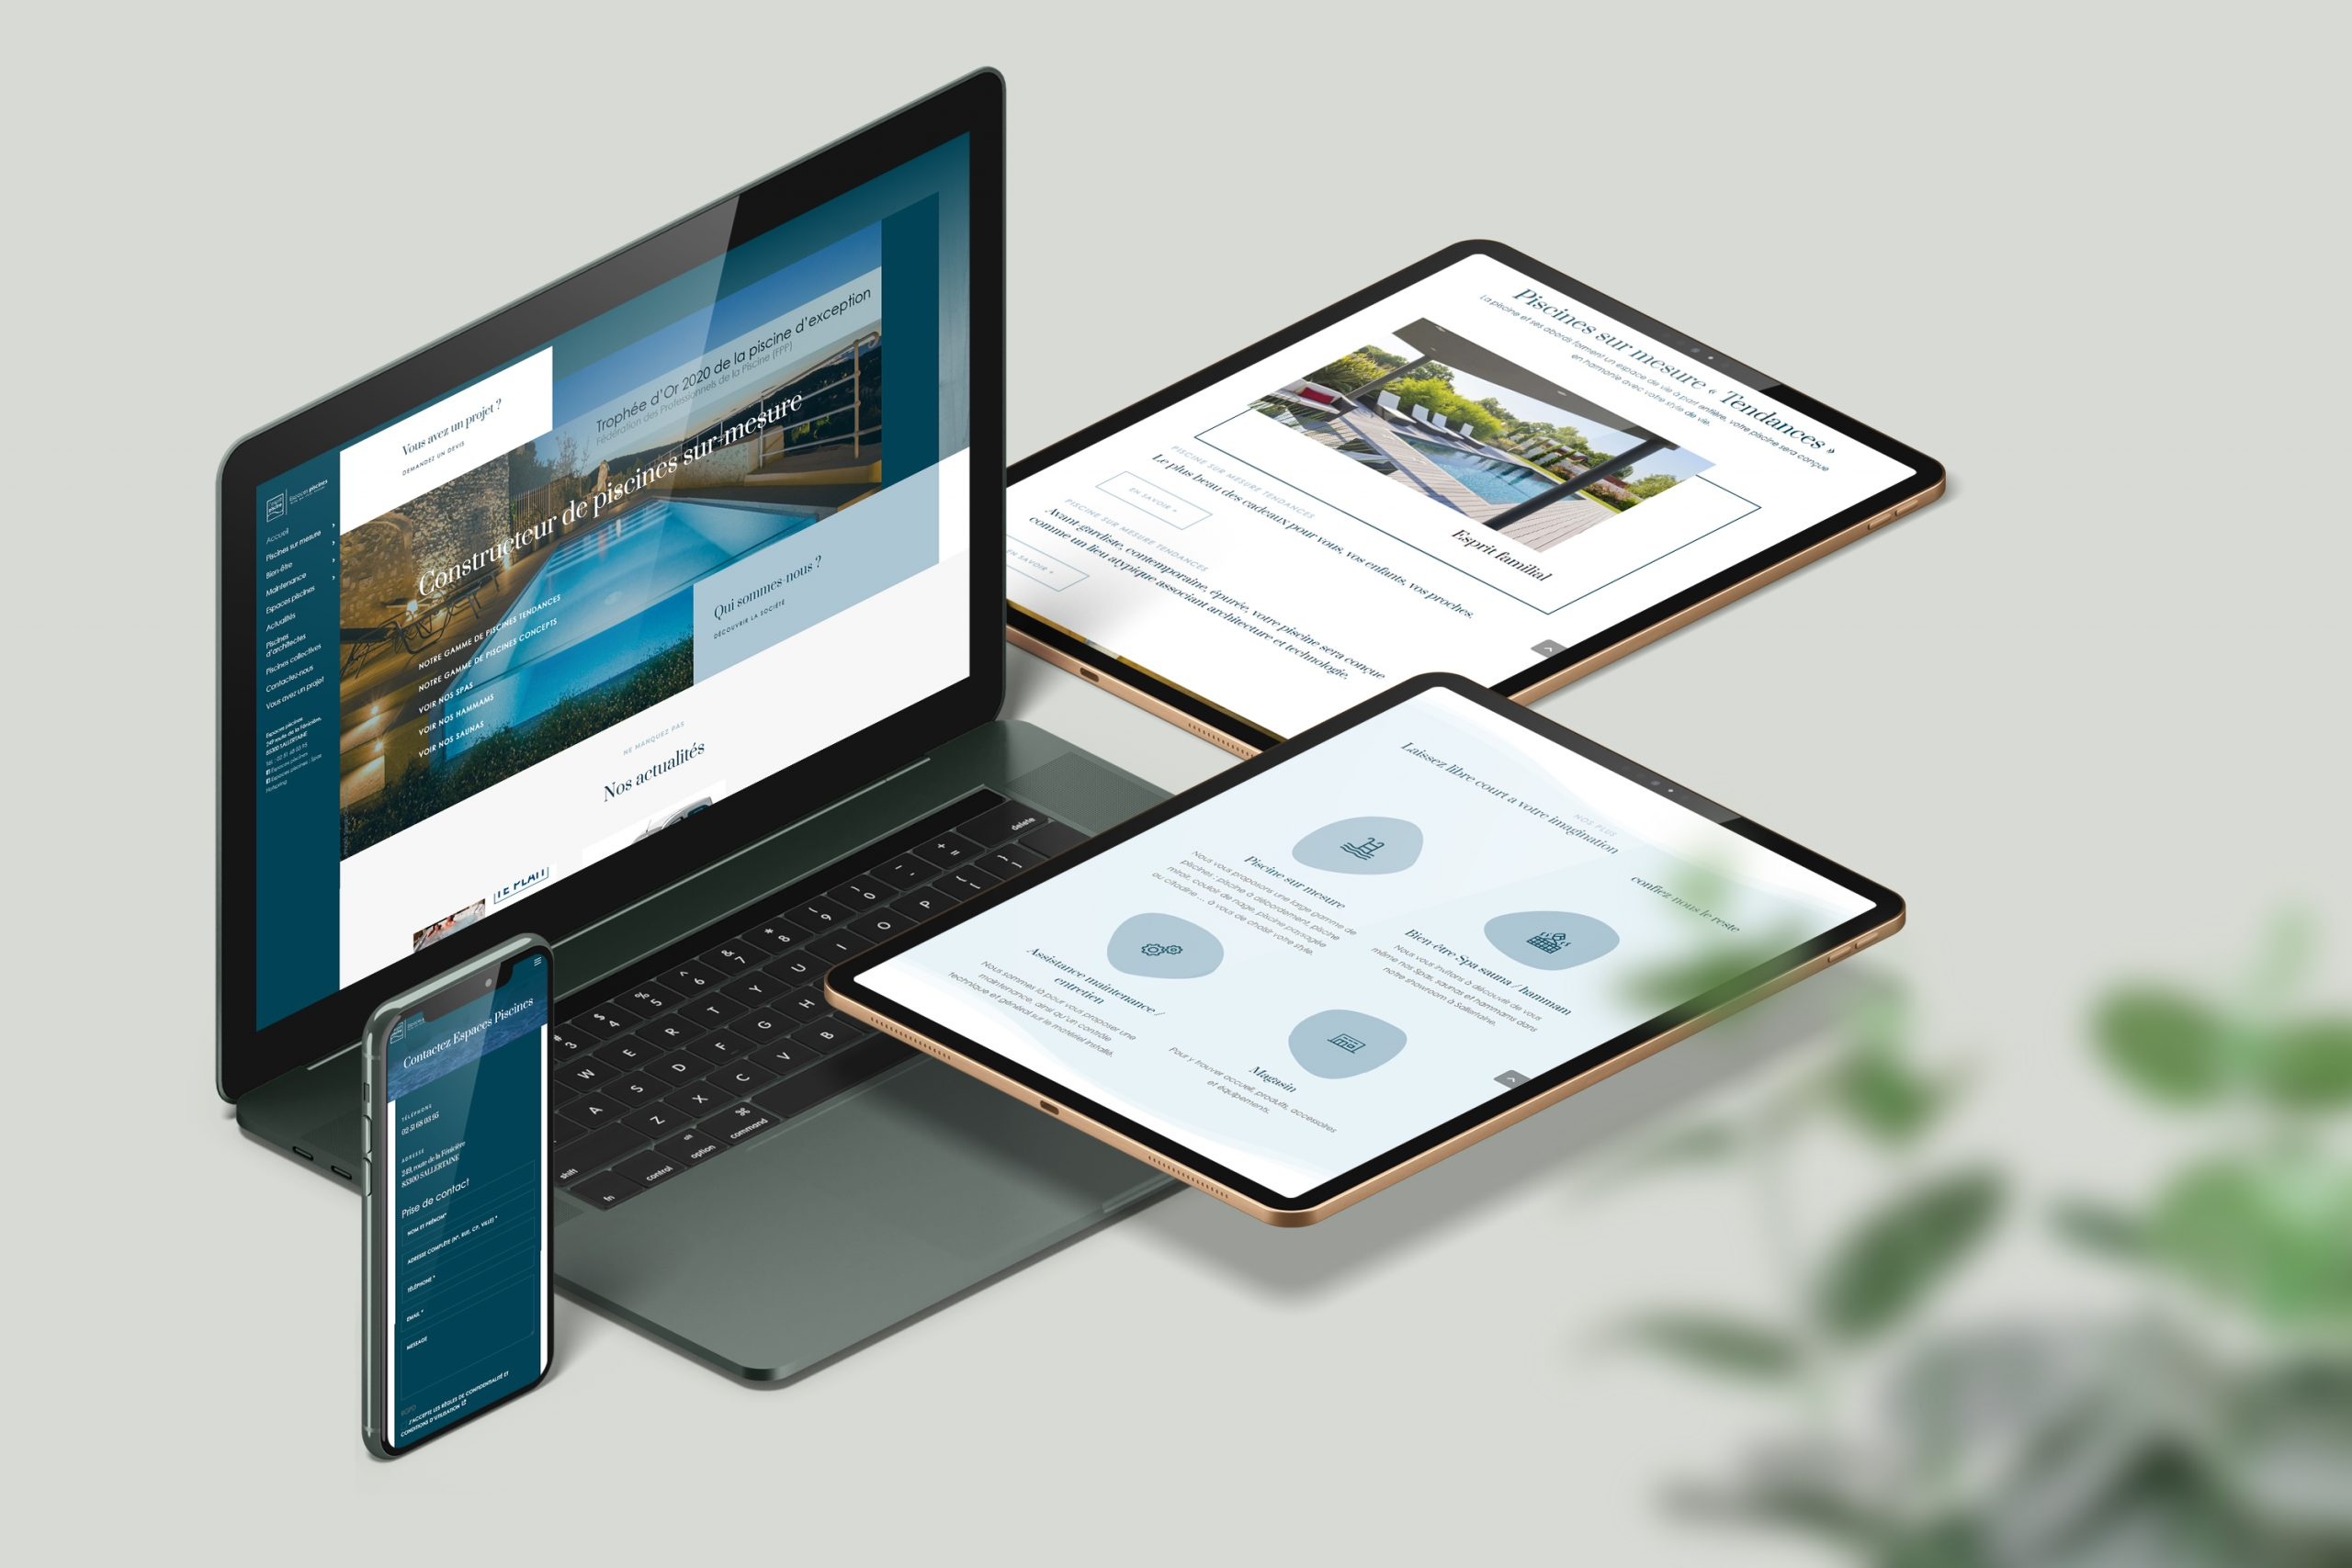 Réalisation du site Espaces Piscines par l'agence web Espace Technologie à Challans 85 Vendée